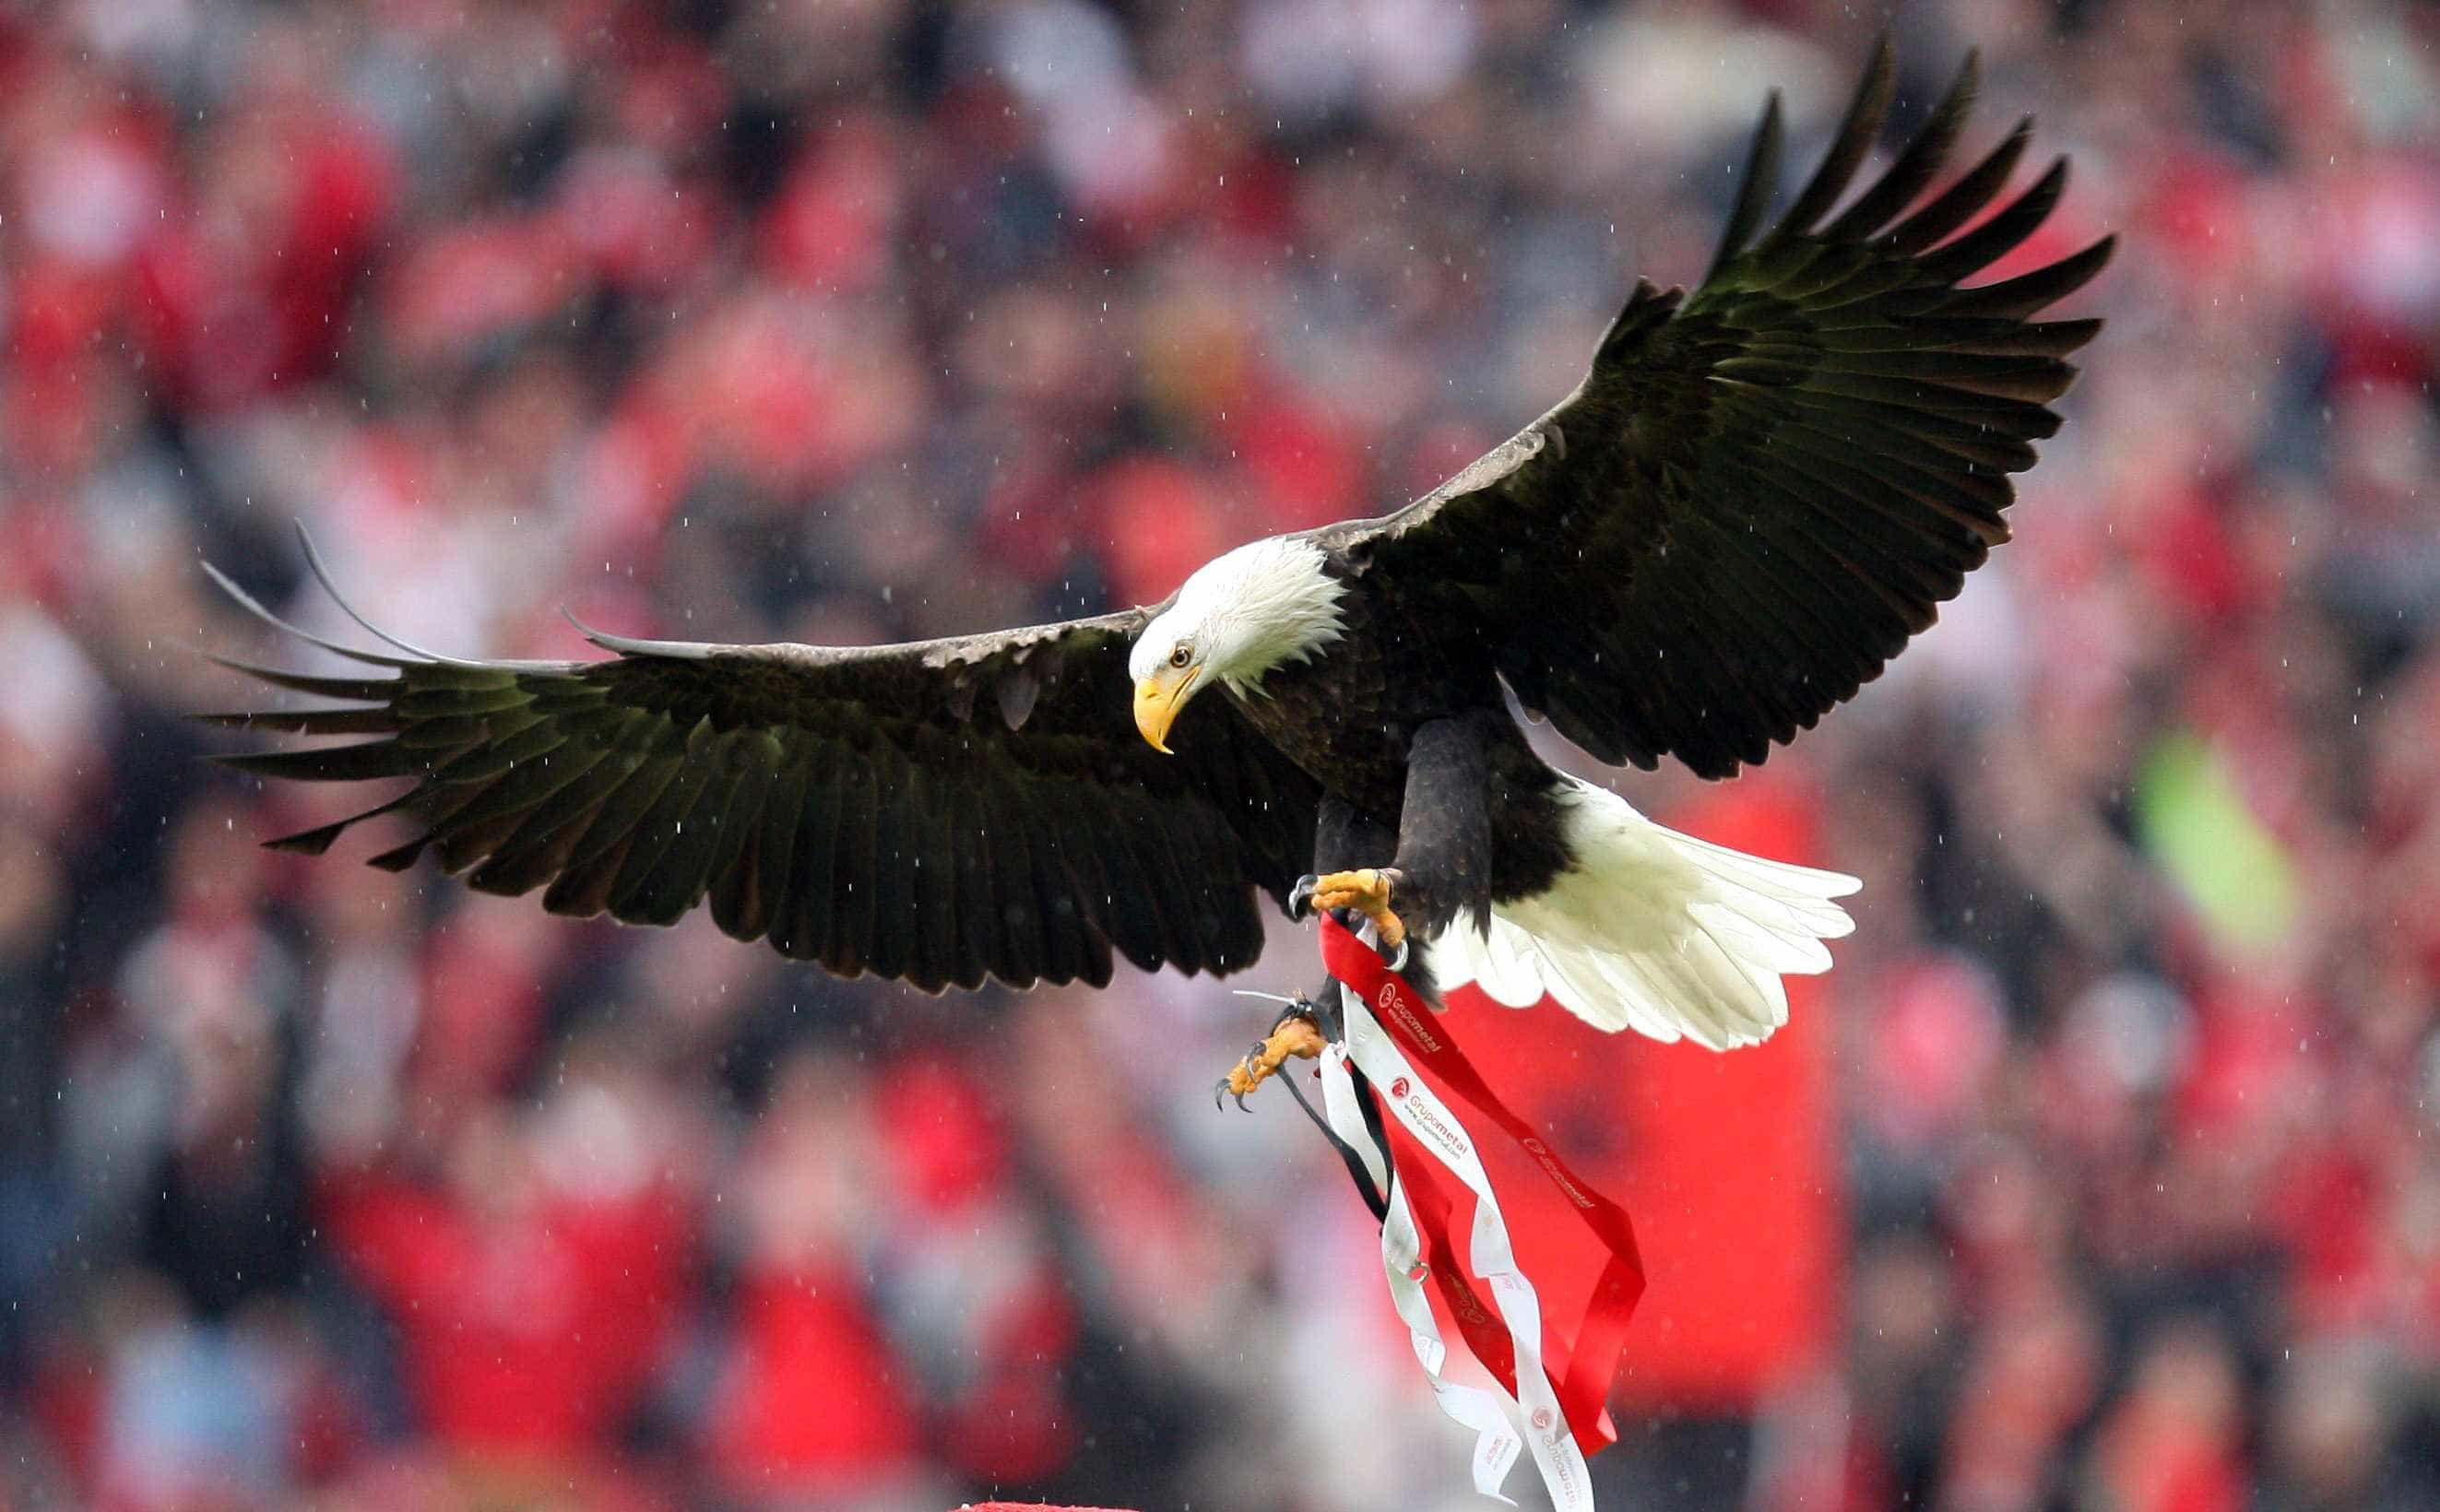 De Lema à música de tourada: Benfica anuncia recursos a castigos